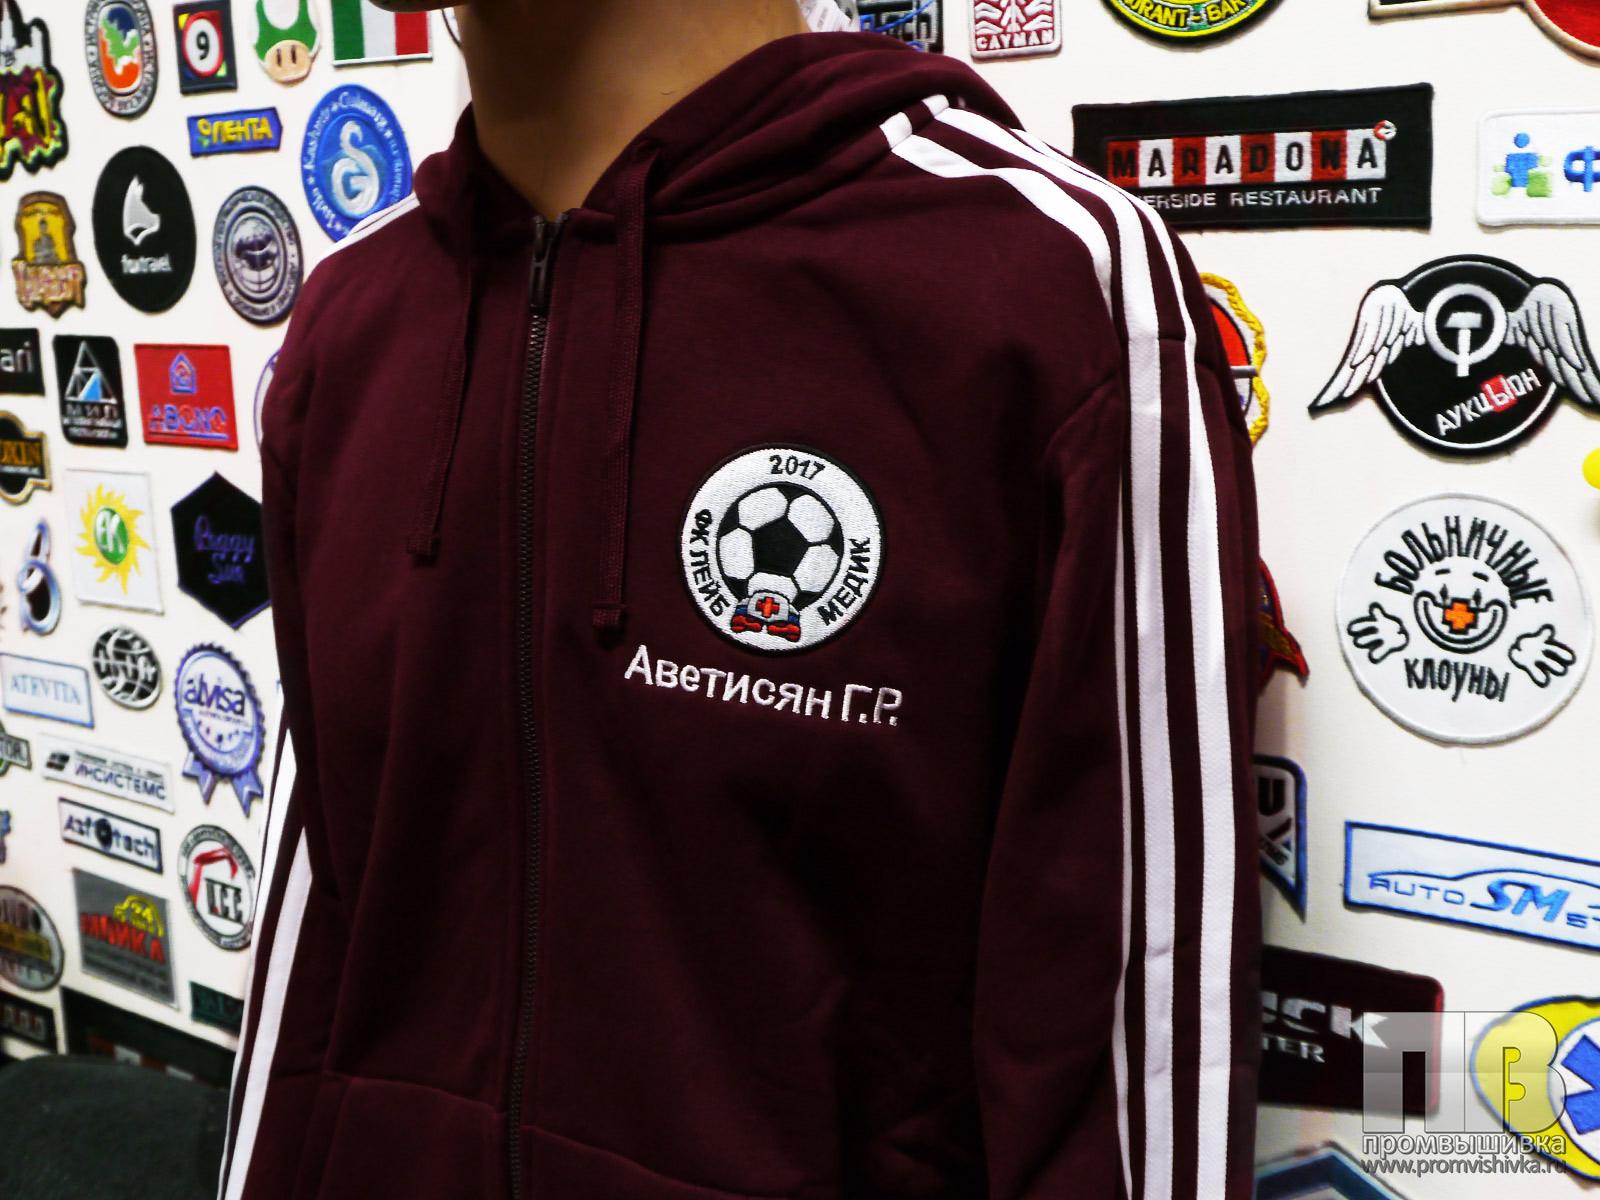 Нанесение номера или имени и фамилии на футбольную форму в Москве ... 7f5eacbdb25